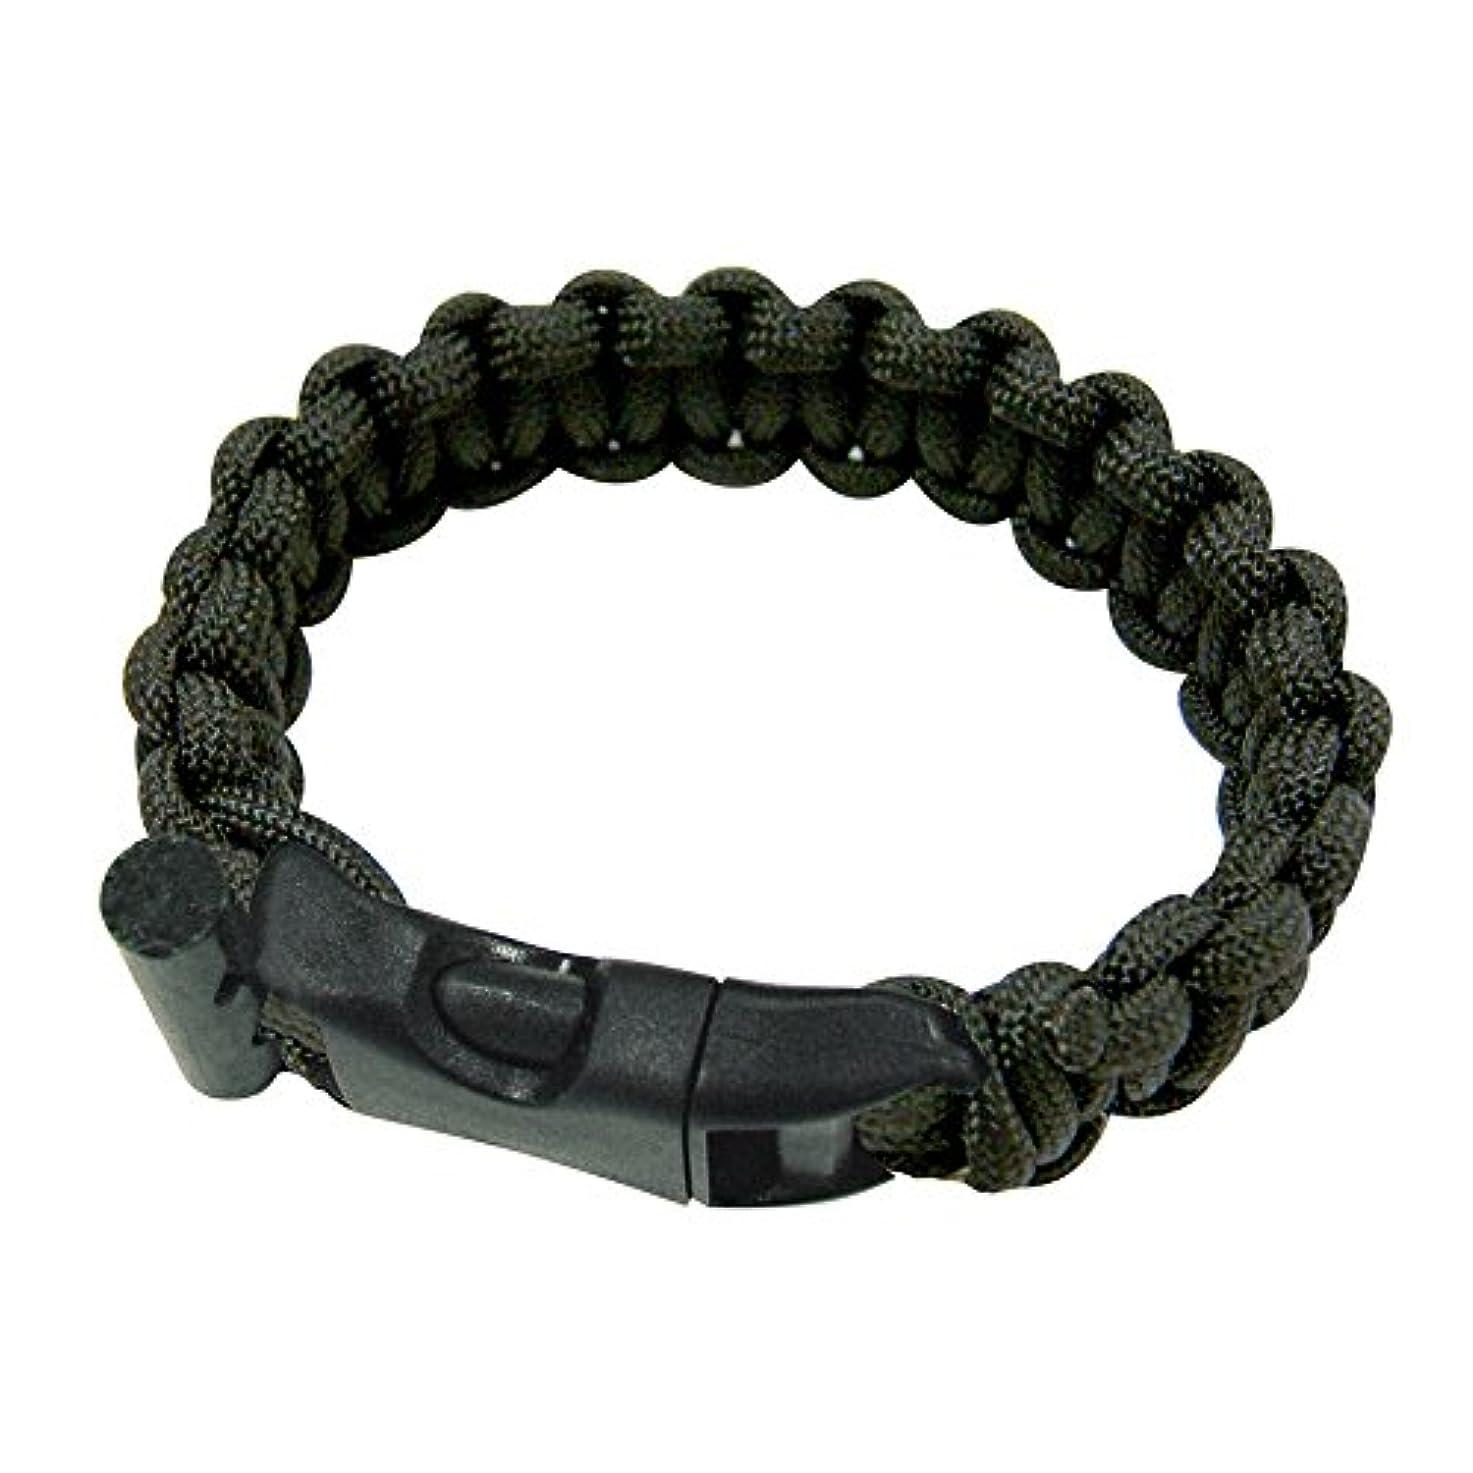 支出ストレスの多い星UST Paracord Bracelet with Fire Starter, Black, 8 by UST